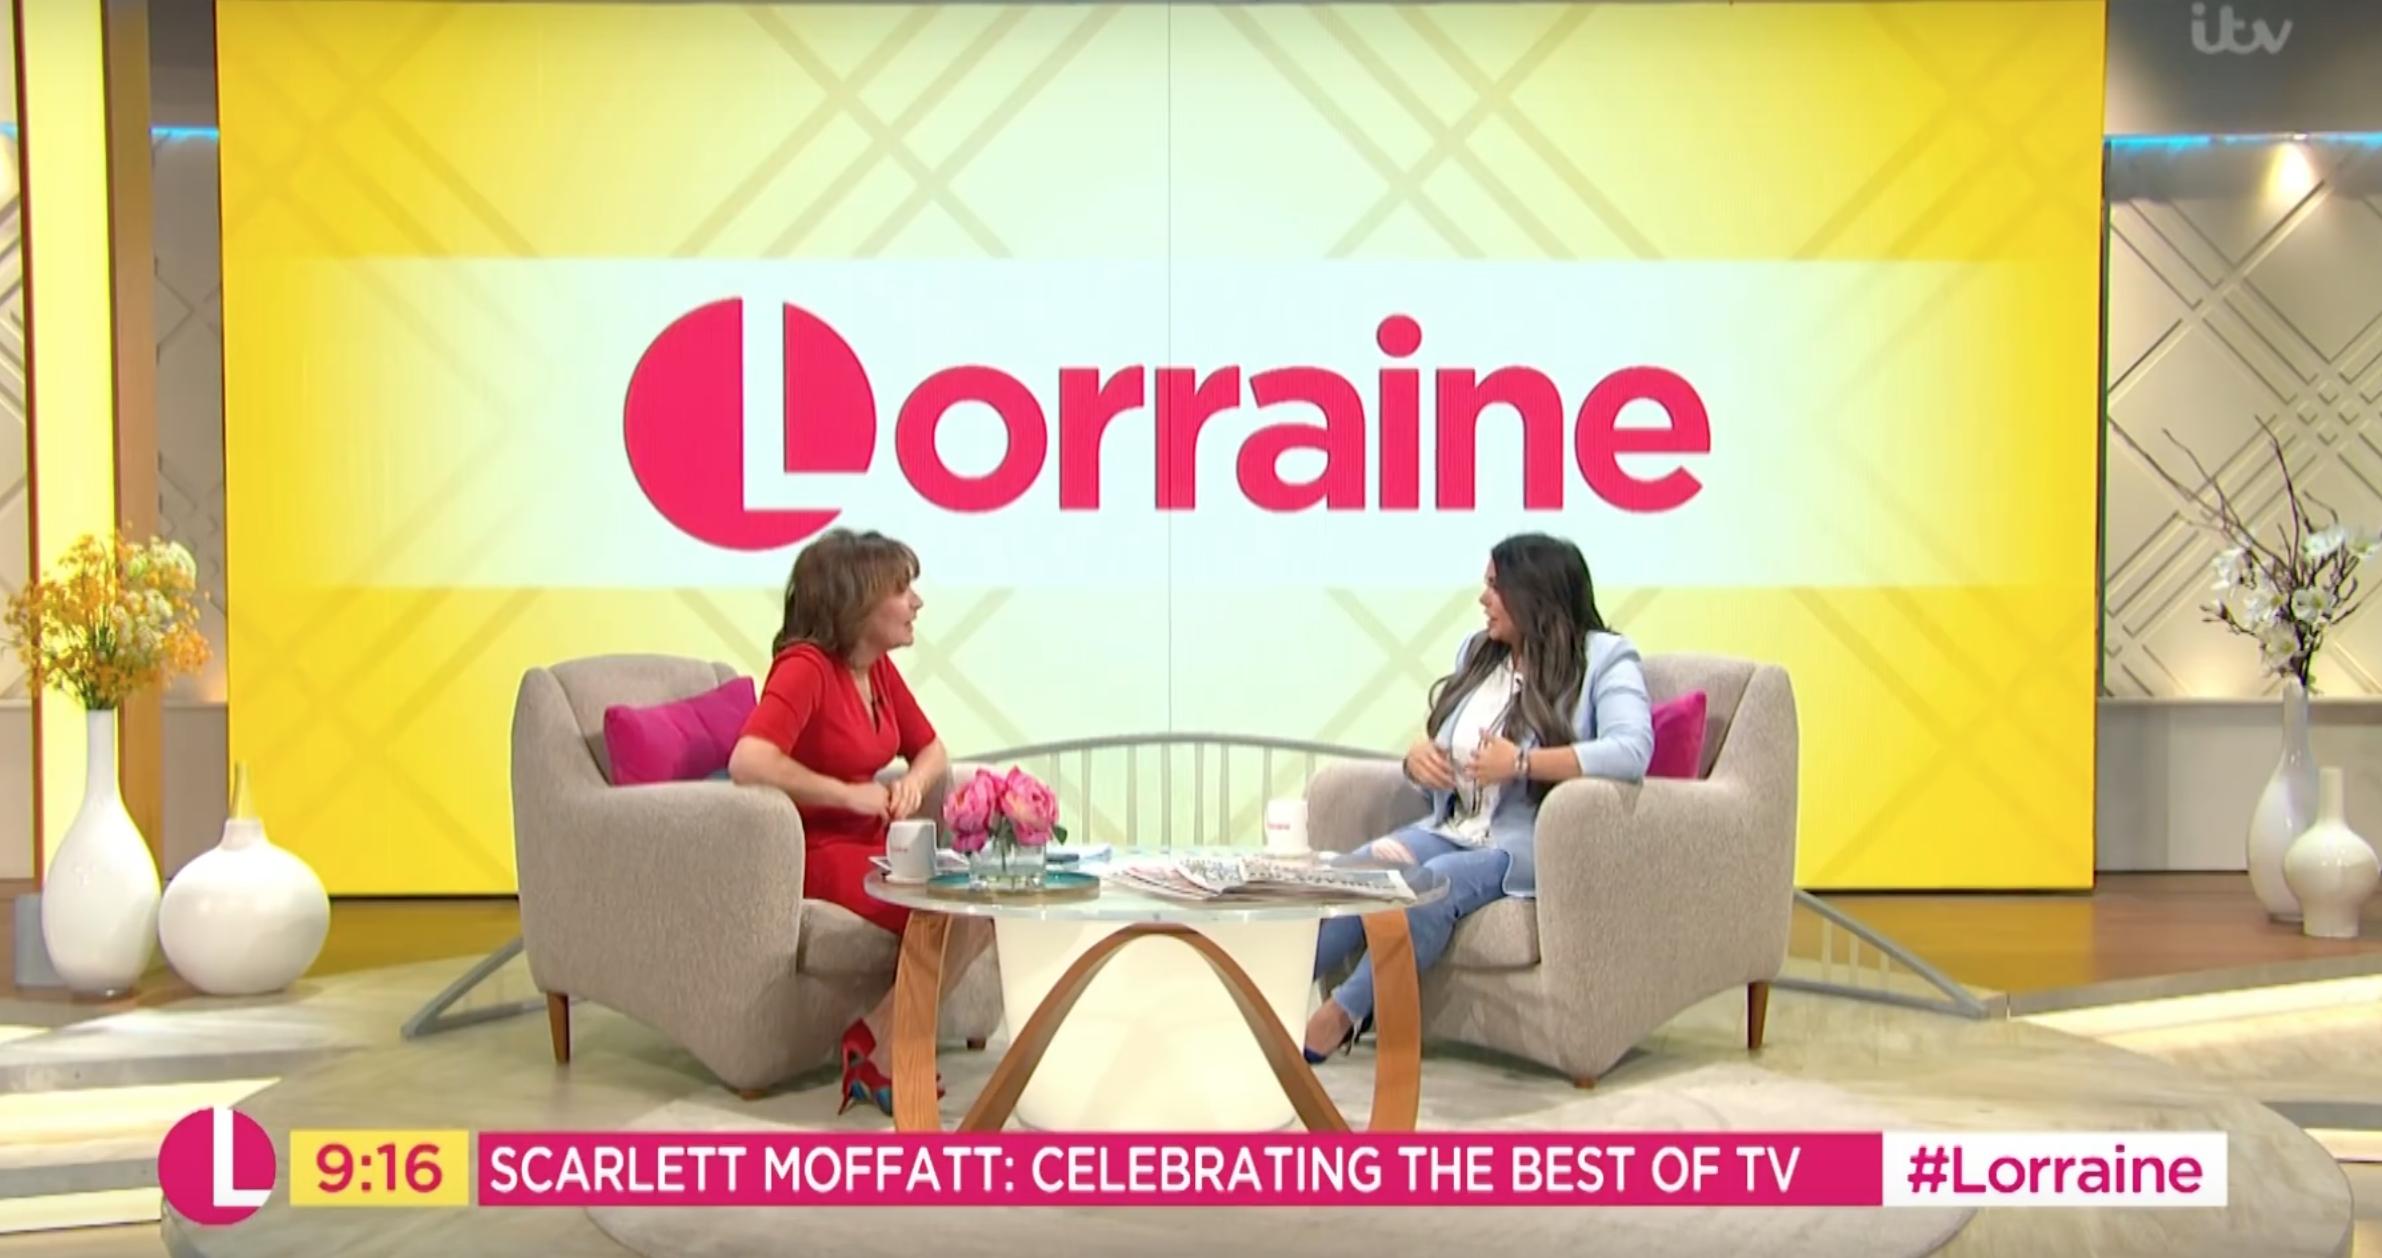 Scarlett spoke to Lorraine about her new man